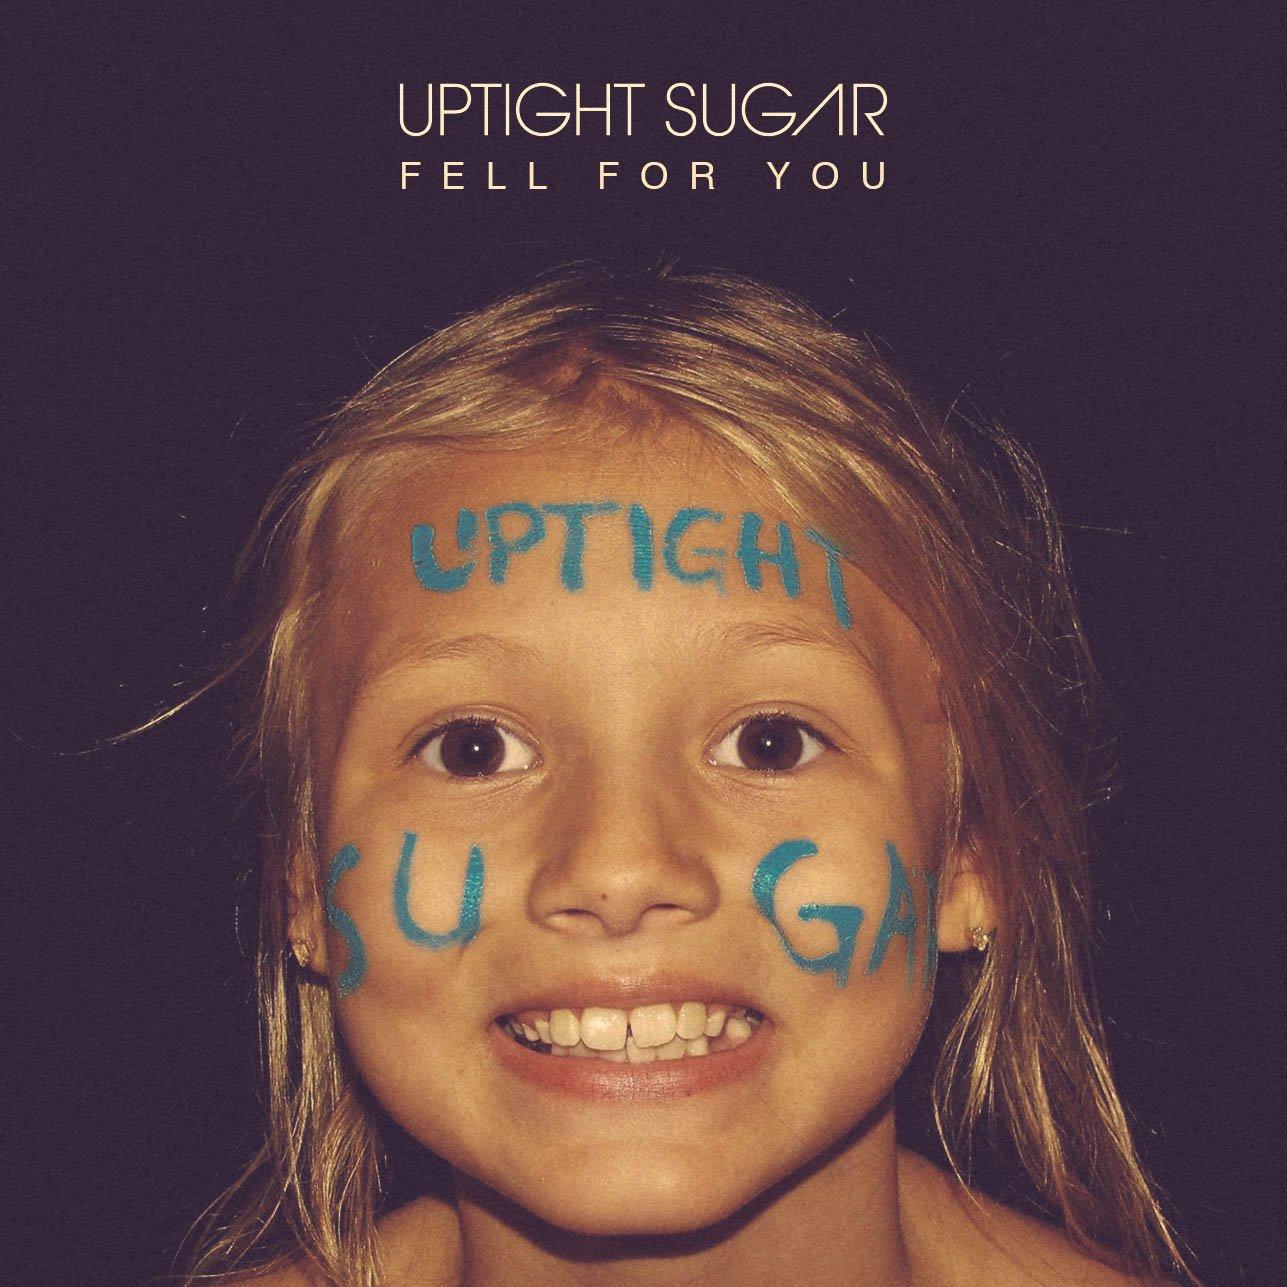 Uptight Sugar